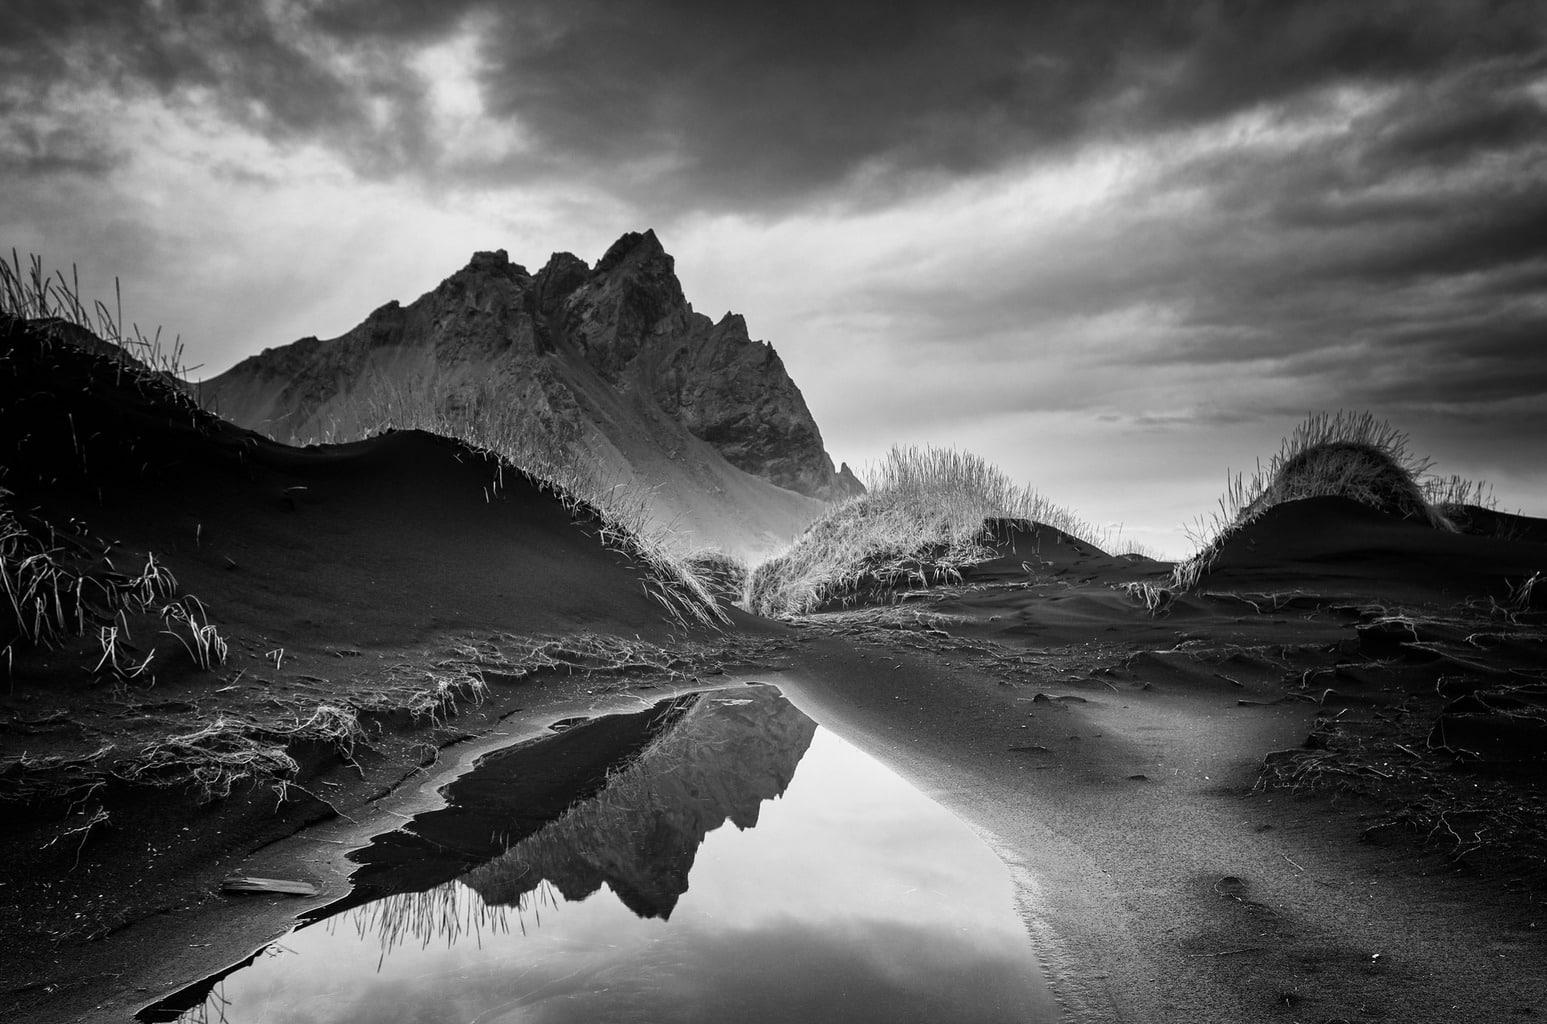 El blanco y negro también existe en paisajes